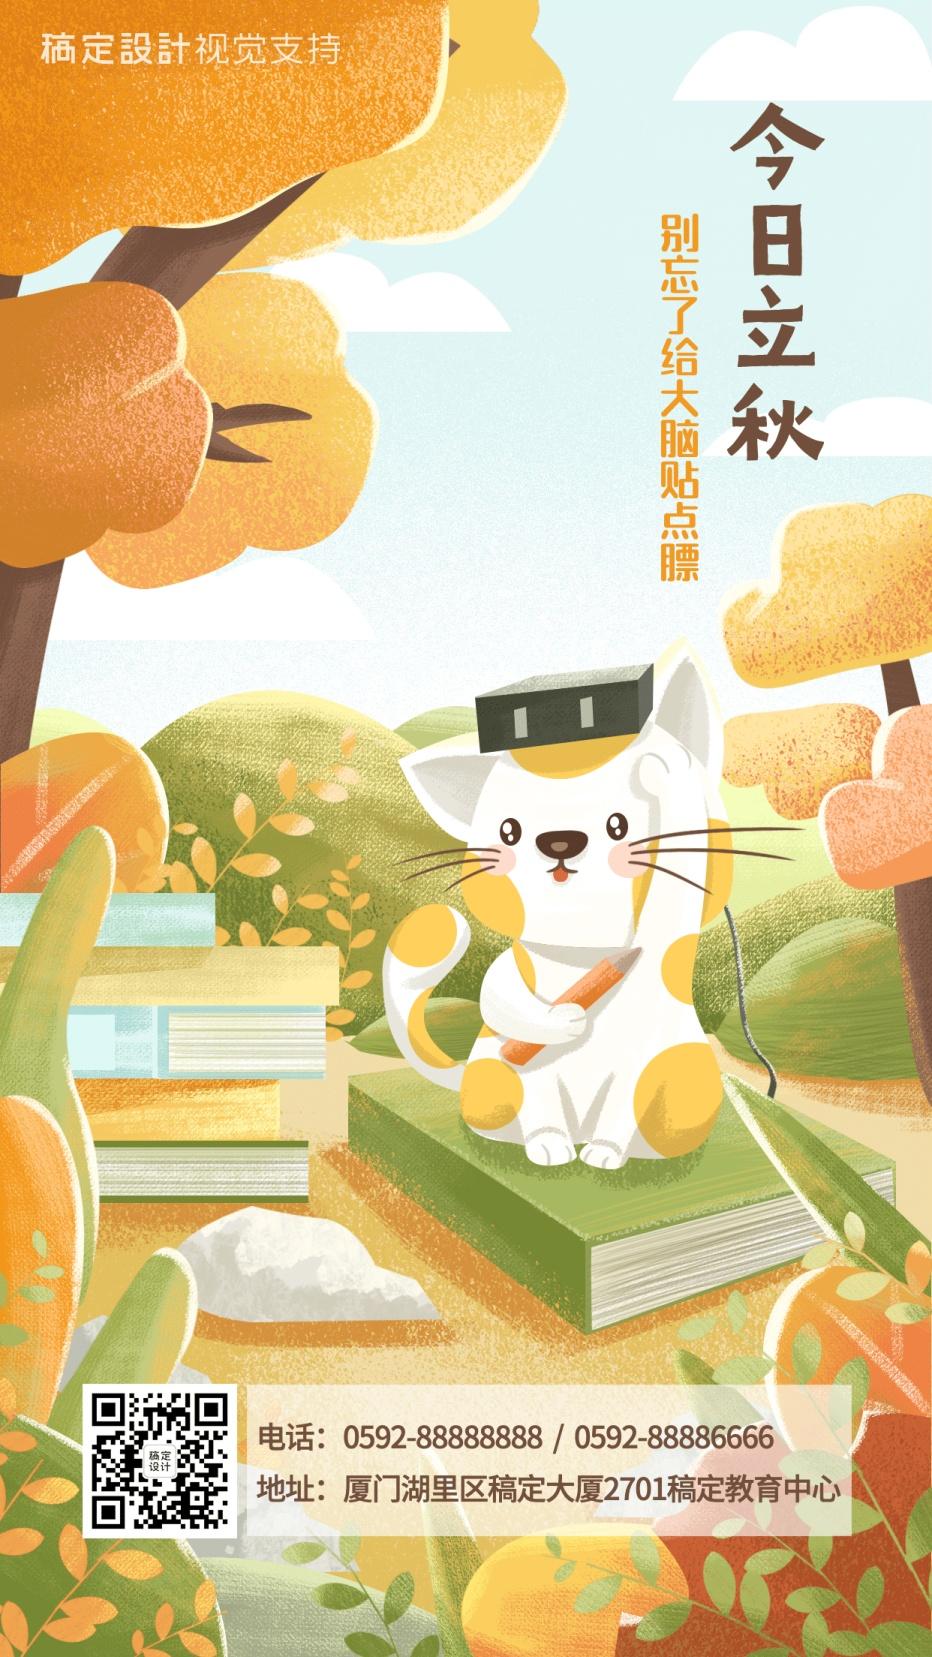 立秋节日学习阅读教育宣传海报